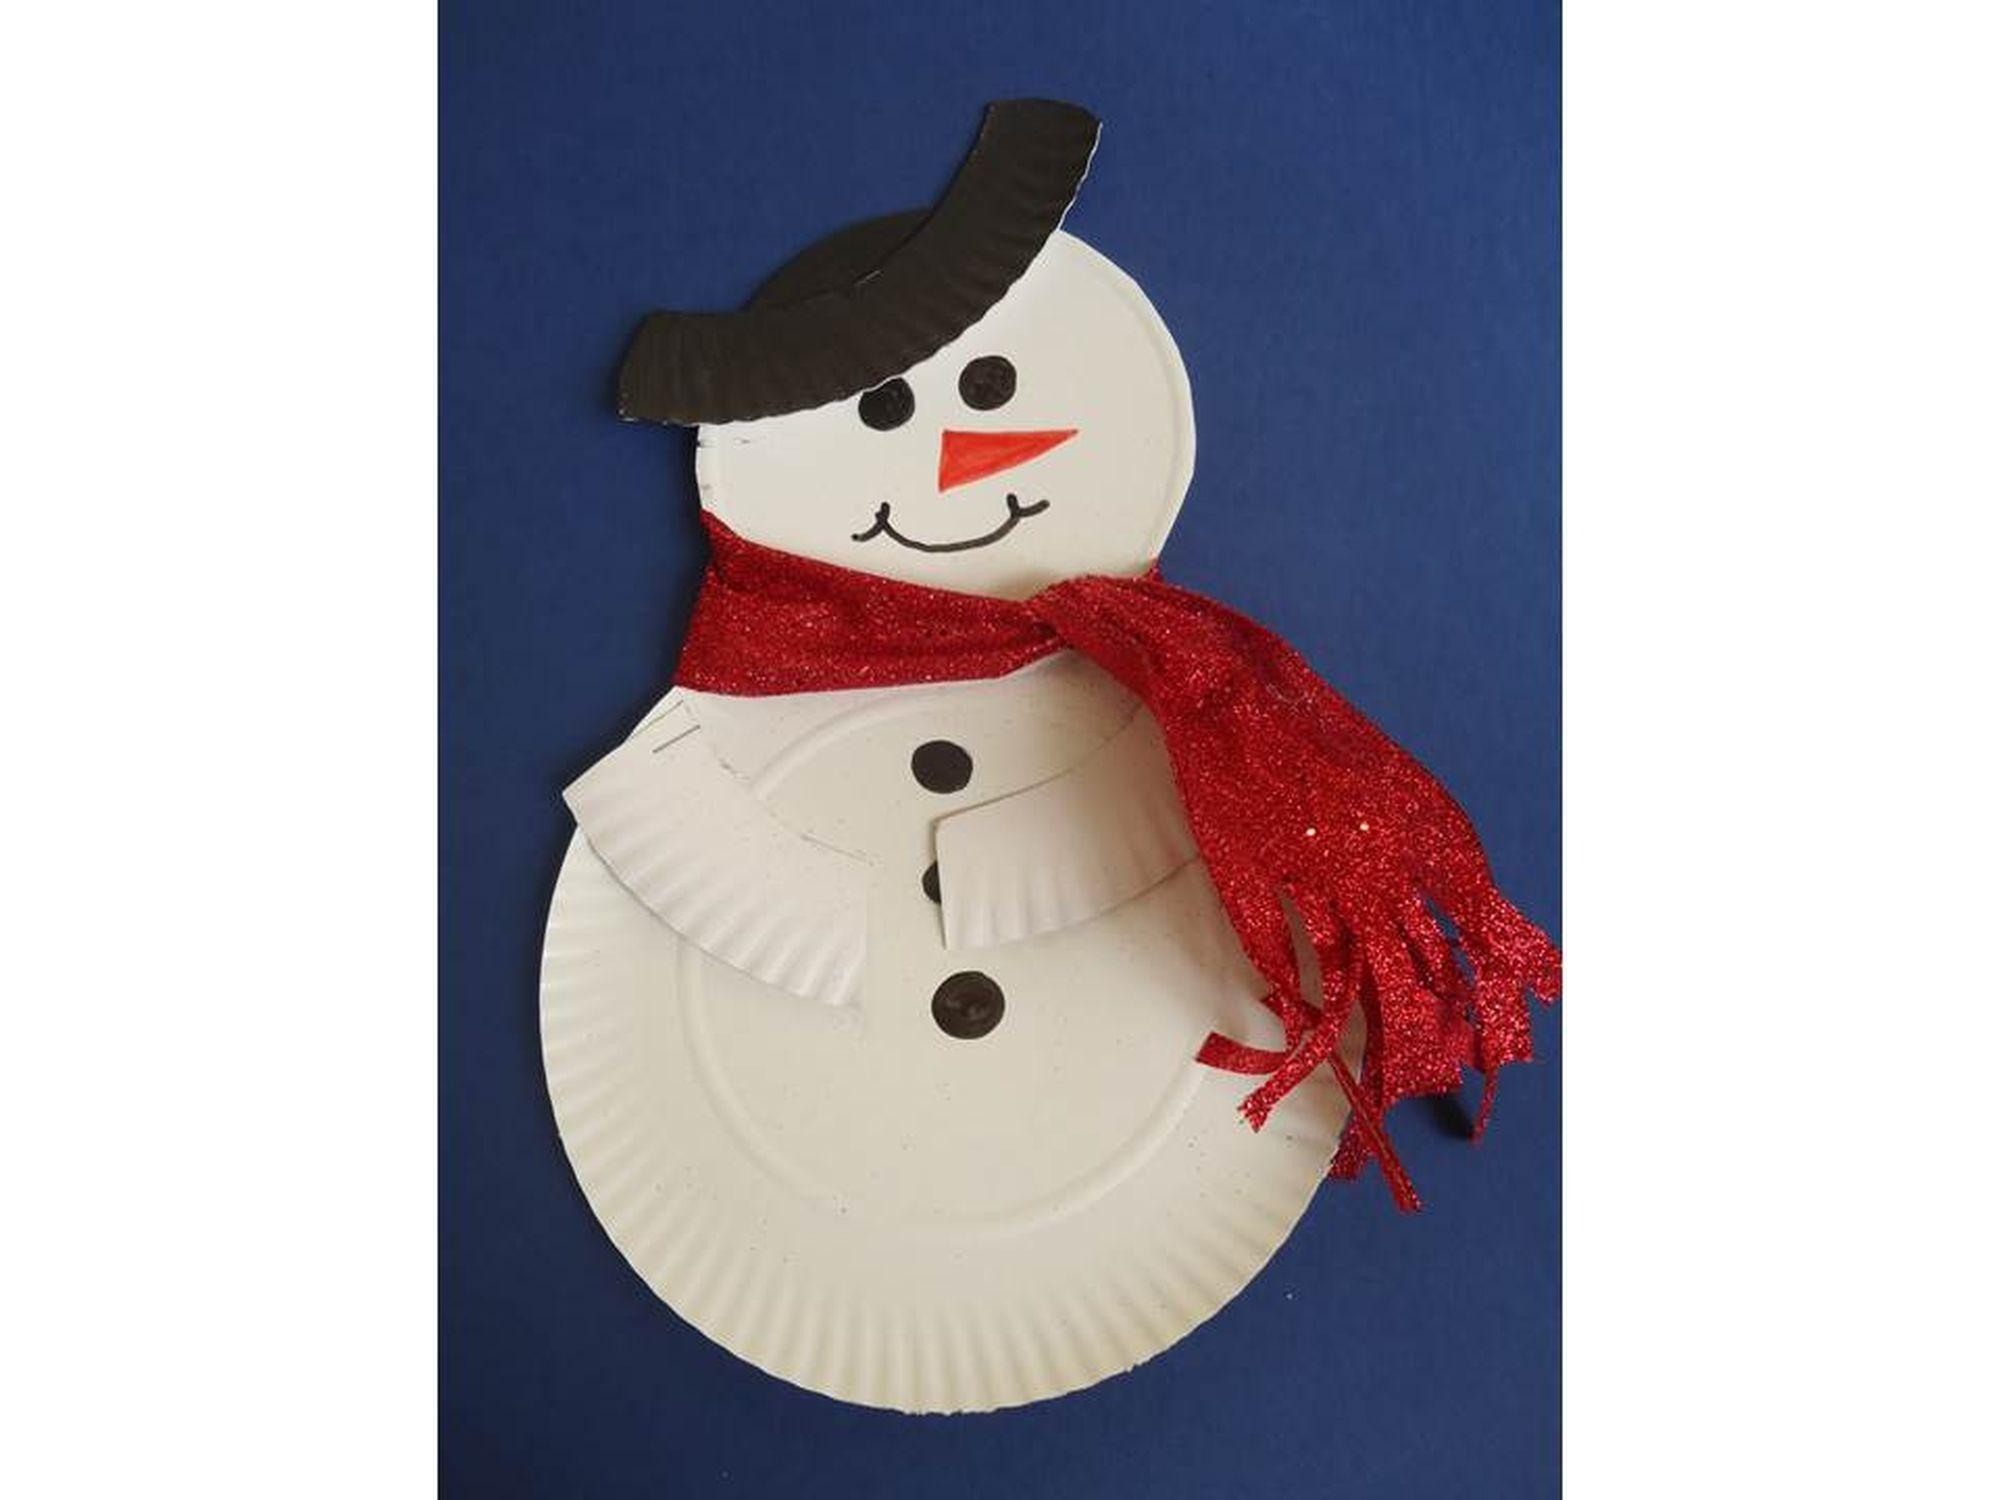 6 Adornos Para Navidad Con Platos Desechables - Adornos-de-navidad-con-carton